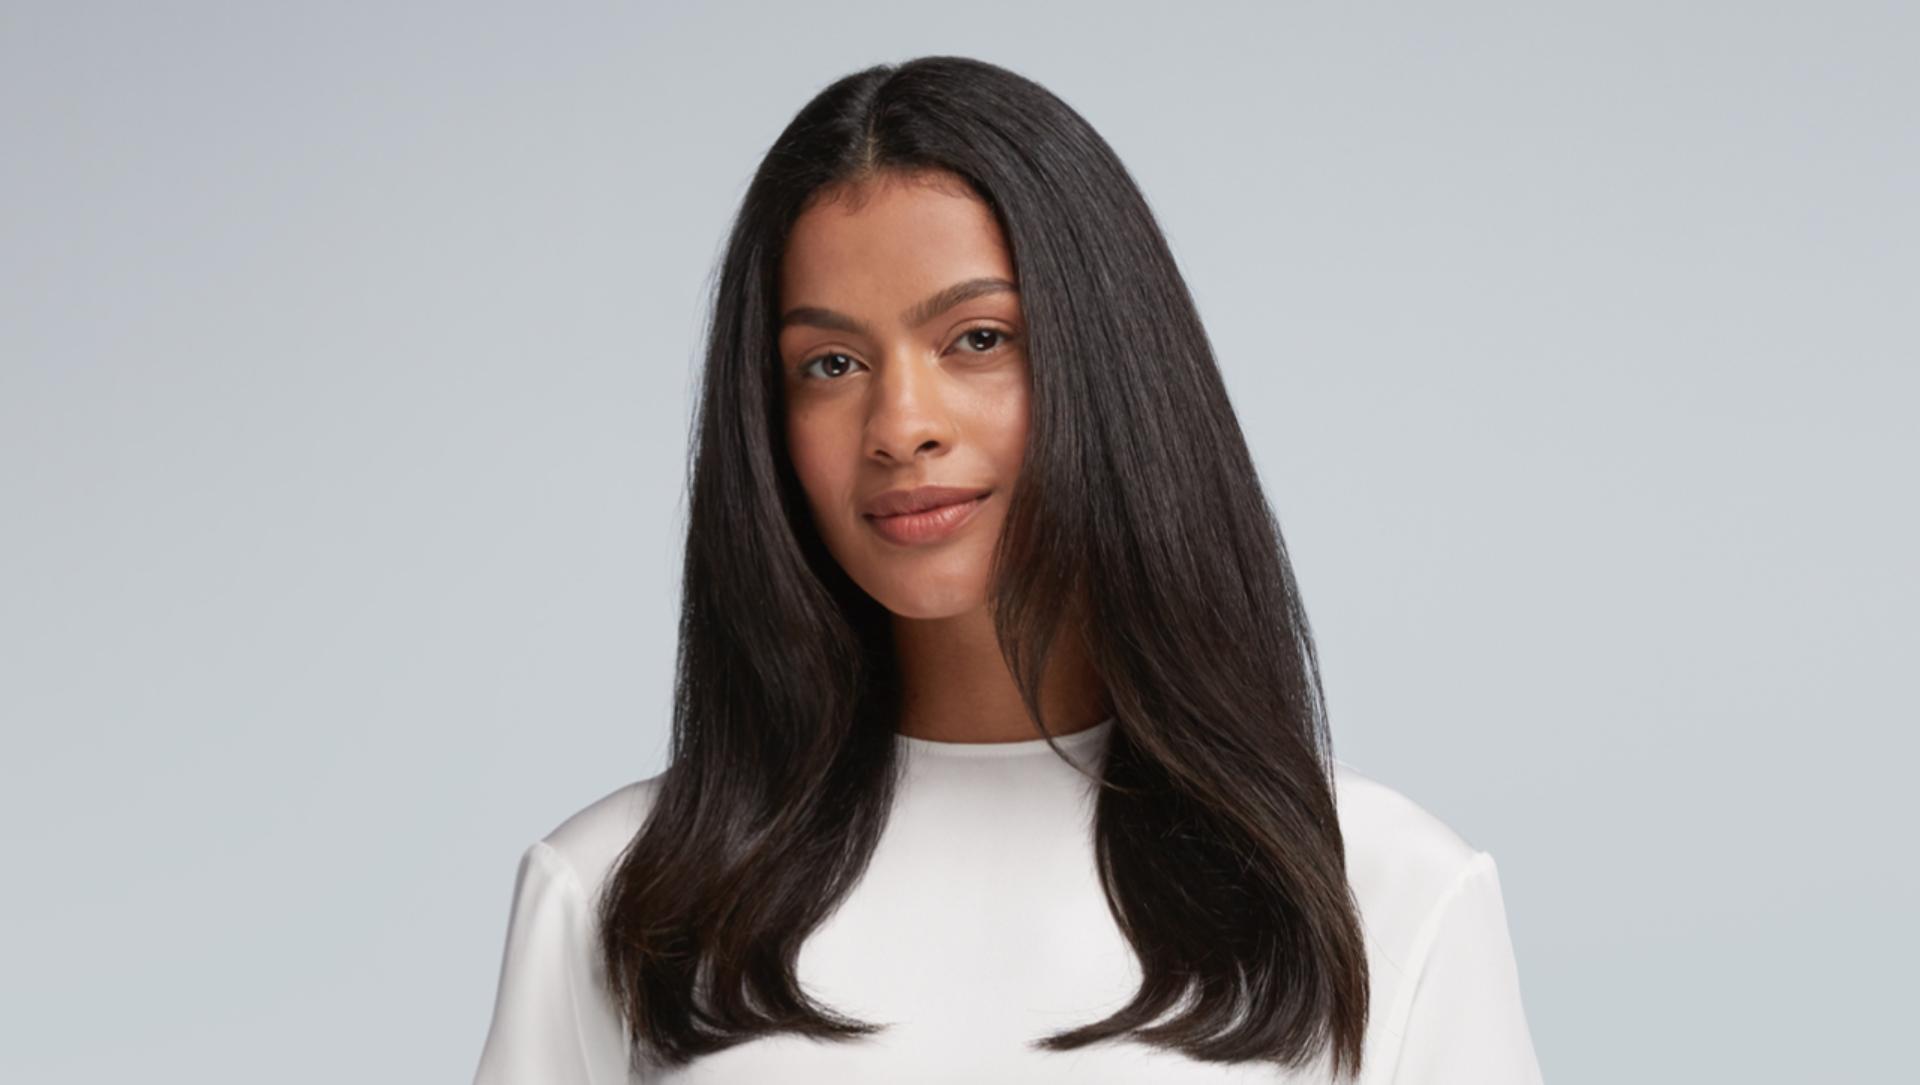 Saçın kökünden ucuna kadar pürüzsüz, şık bir saç şeklinin nasıl oluşturulacağını gösteren video.